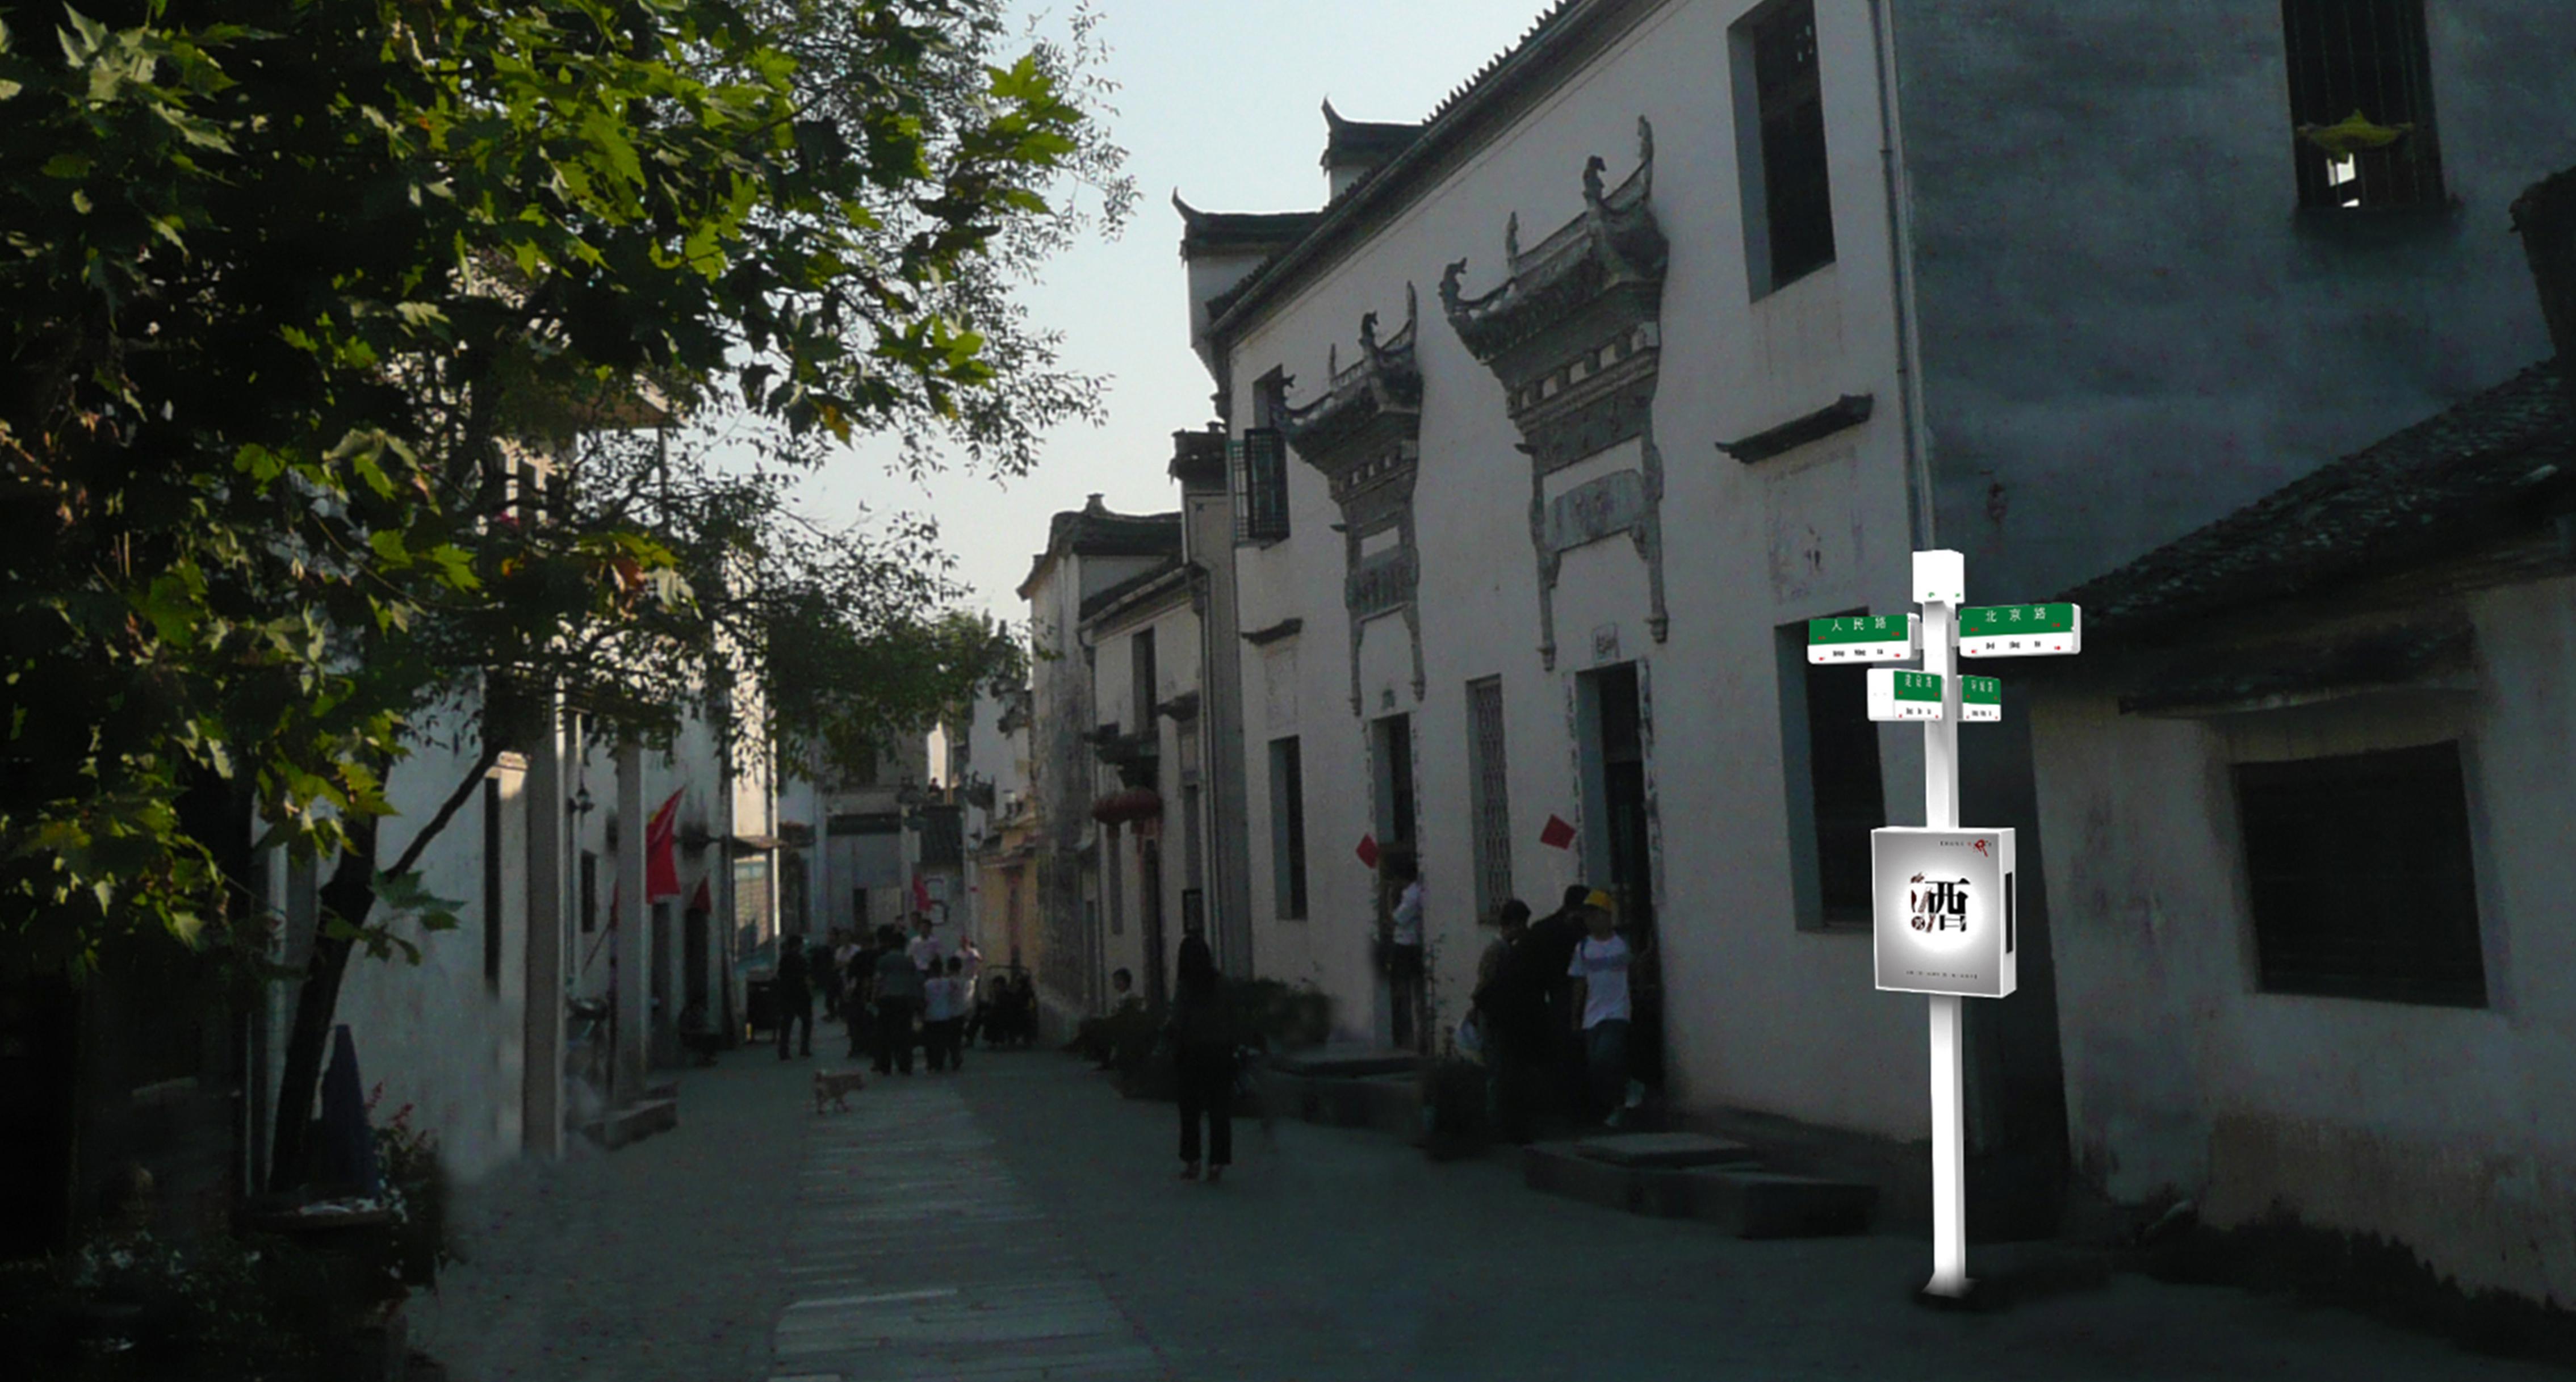 壁纸 风景 古镇 建筑 街道 旅游 摄影 小巷 4537_2434